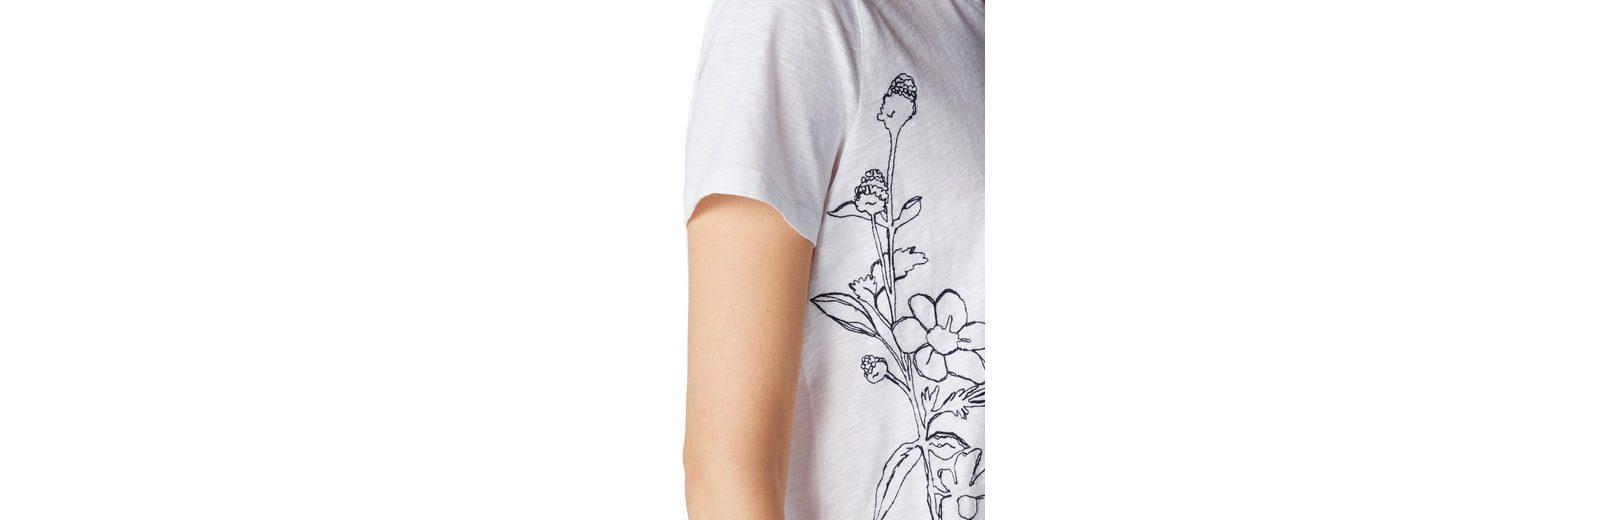 Marc O'Polo T-Shirt Kaufen Preiswerte Qualität Neueste Günstig Online DhLuH7n